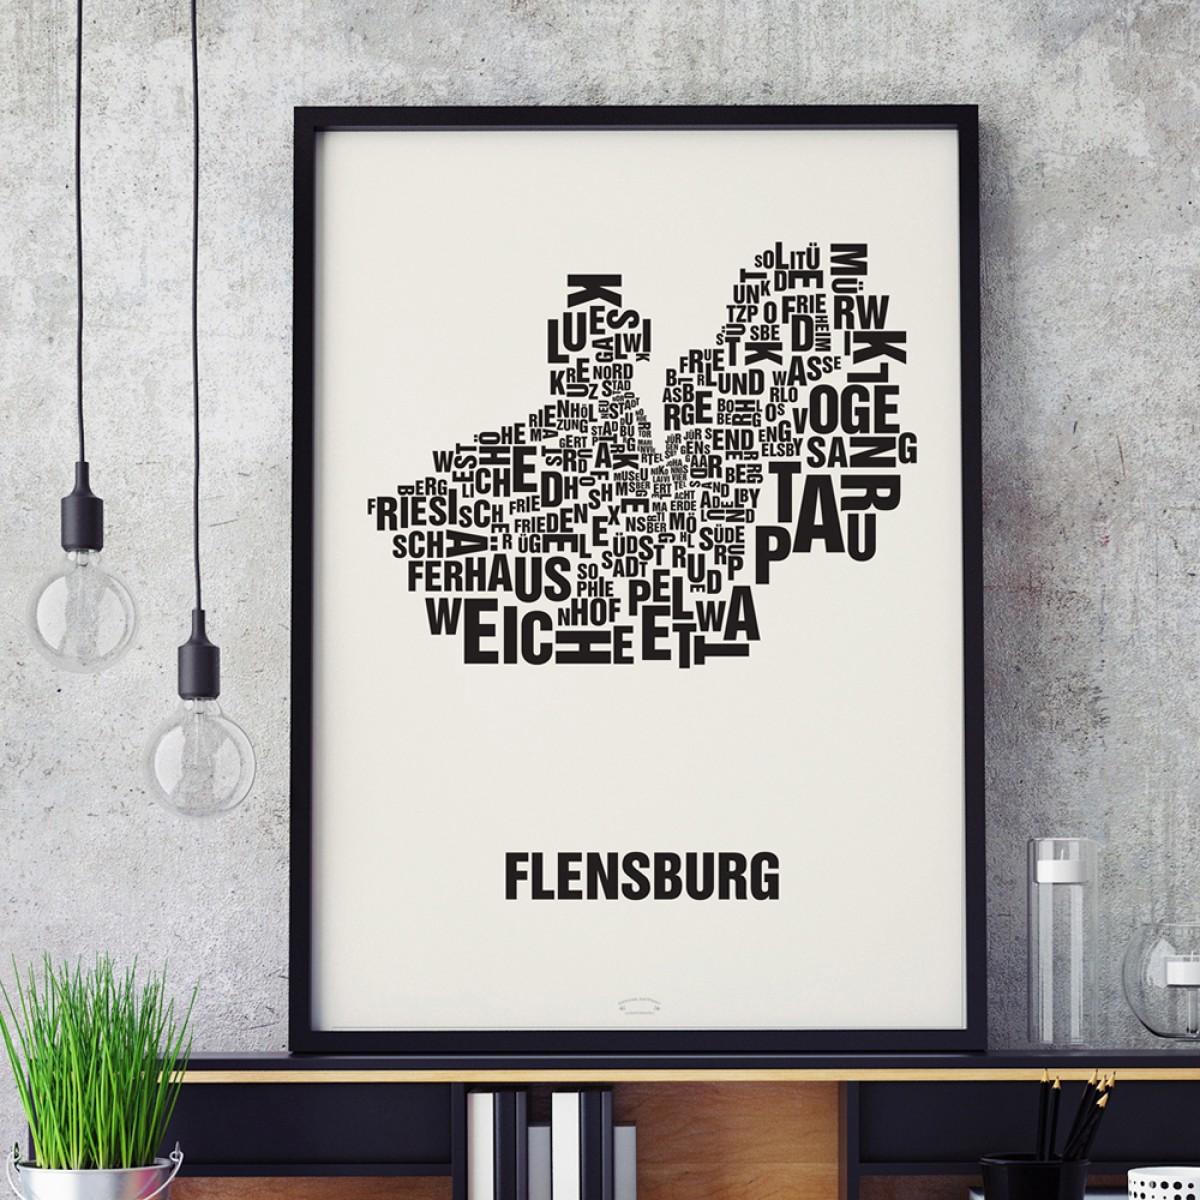 Buchstabenort Flensburg Stadtteile-Poster Typografie Siebdruck